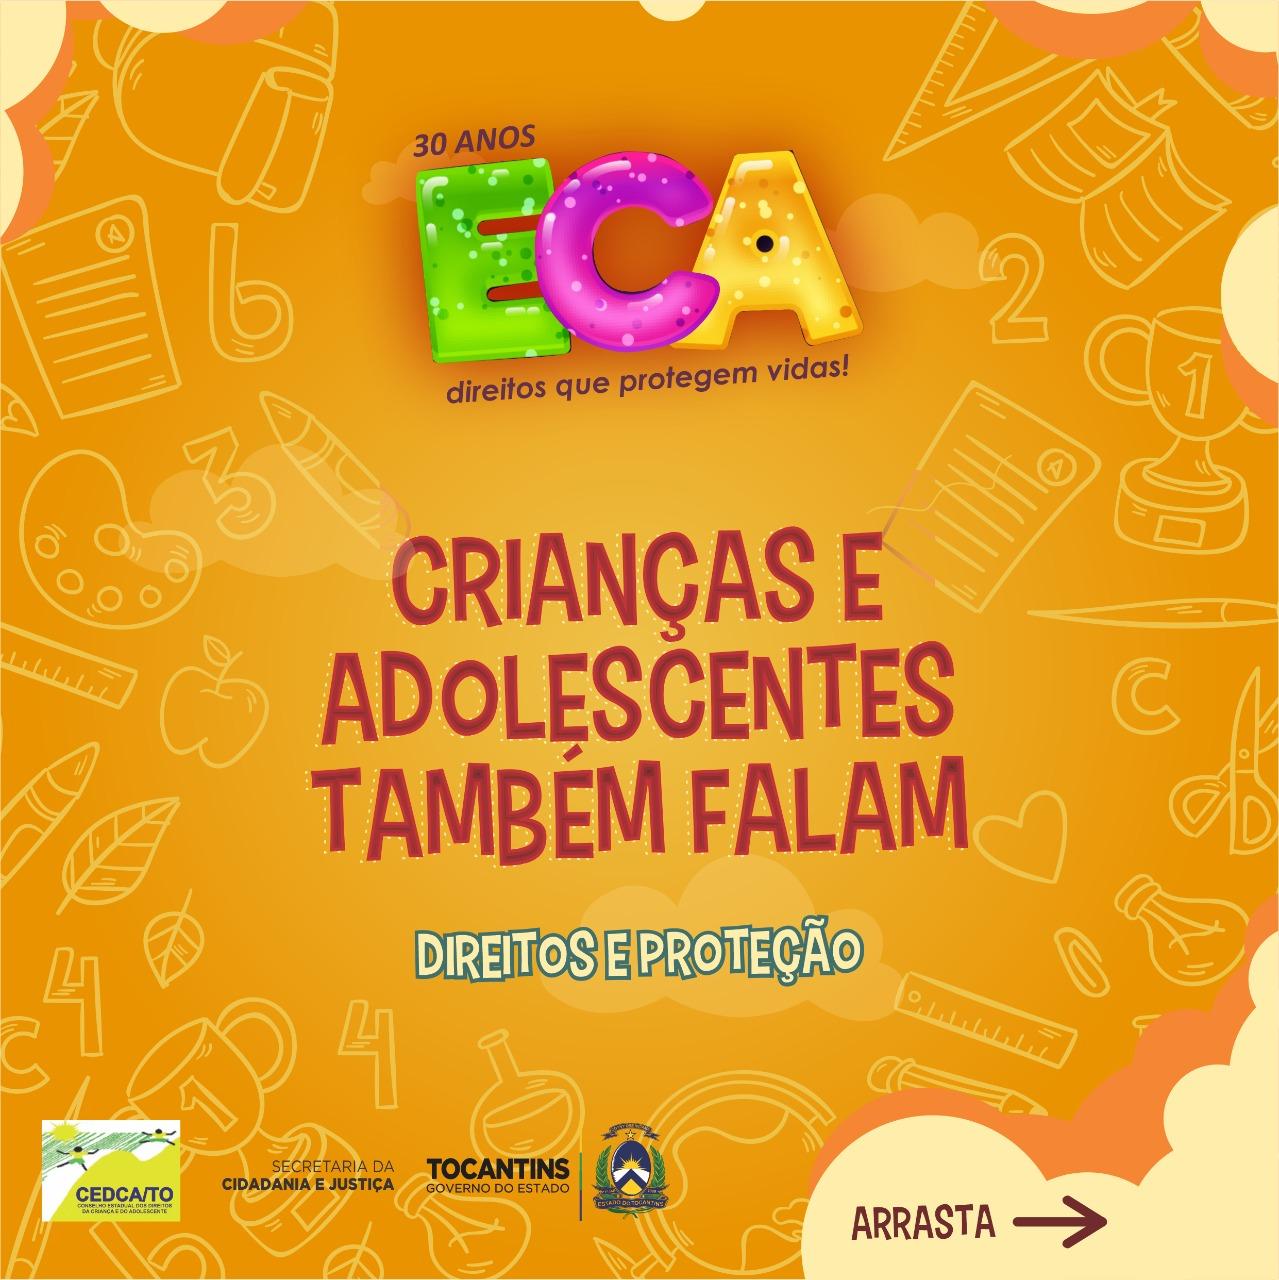 30 anos do Eca: crianças e adolescentes falam sobre seus direitos